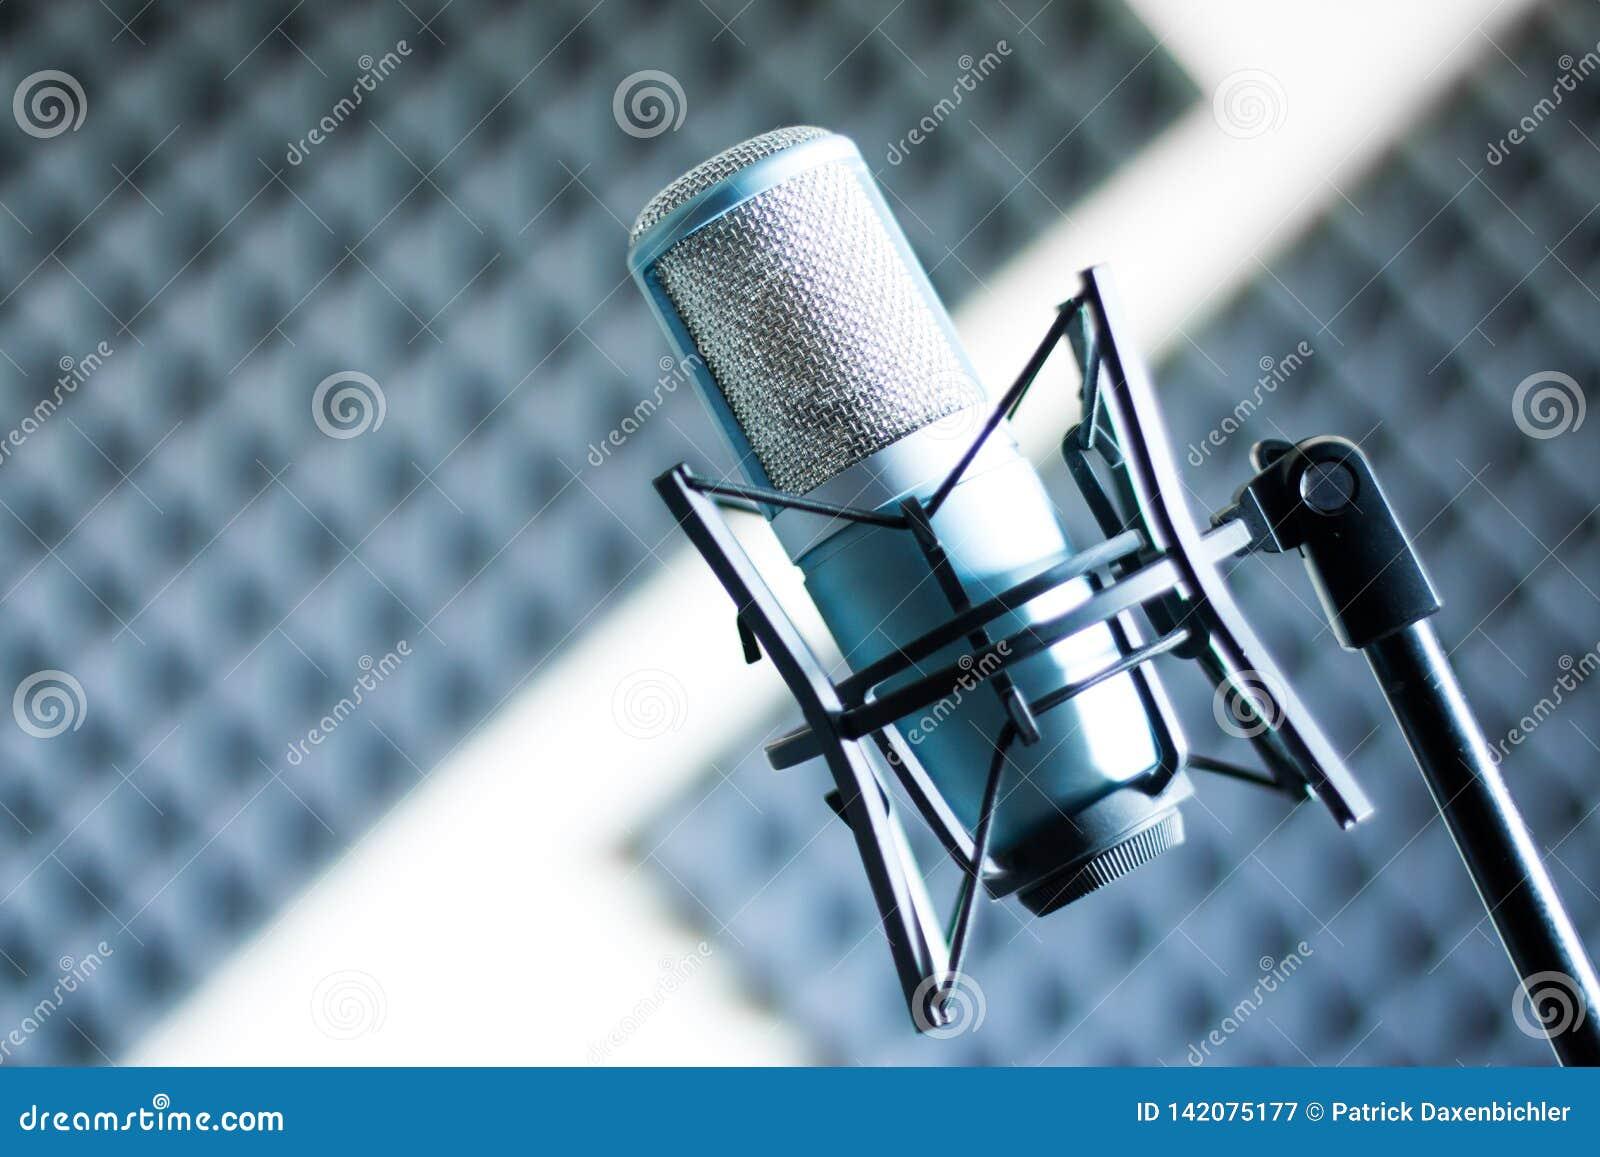 Mikrofon i en yrkesmässig inspelning- eller radiostudio, solid isolering i den oskarpa bakgrunden